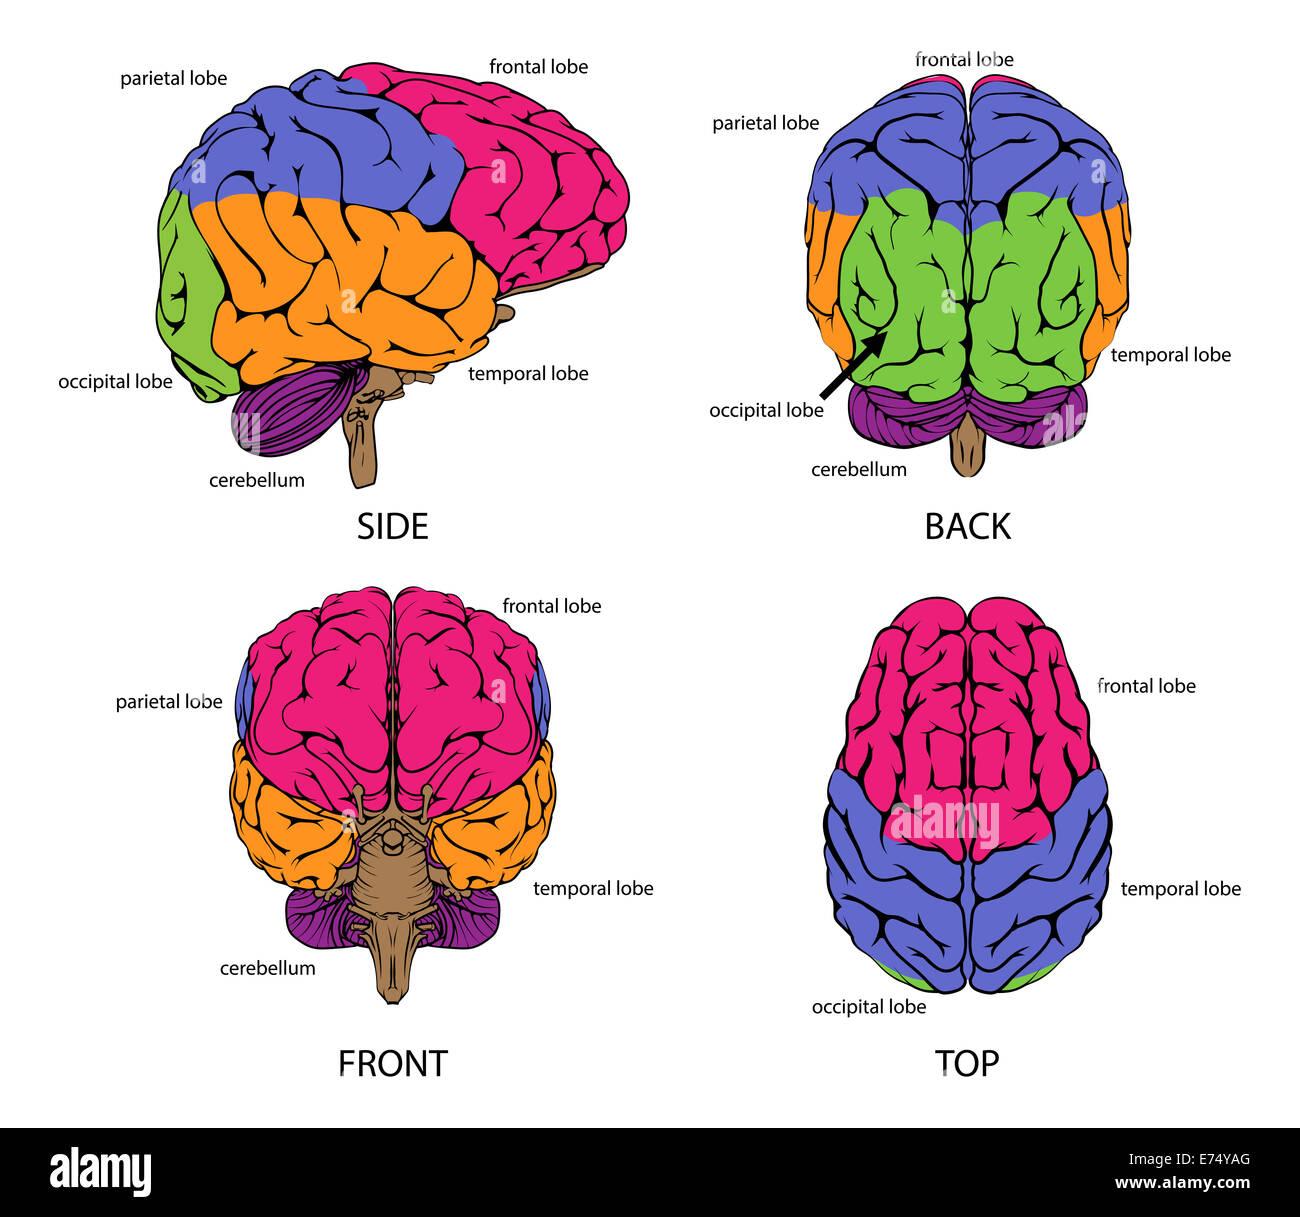 Excelente Etiquetar El Diagrama De Cerebro Adorno - Imágenes de ...